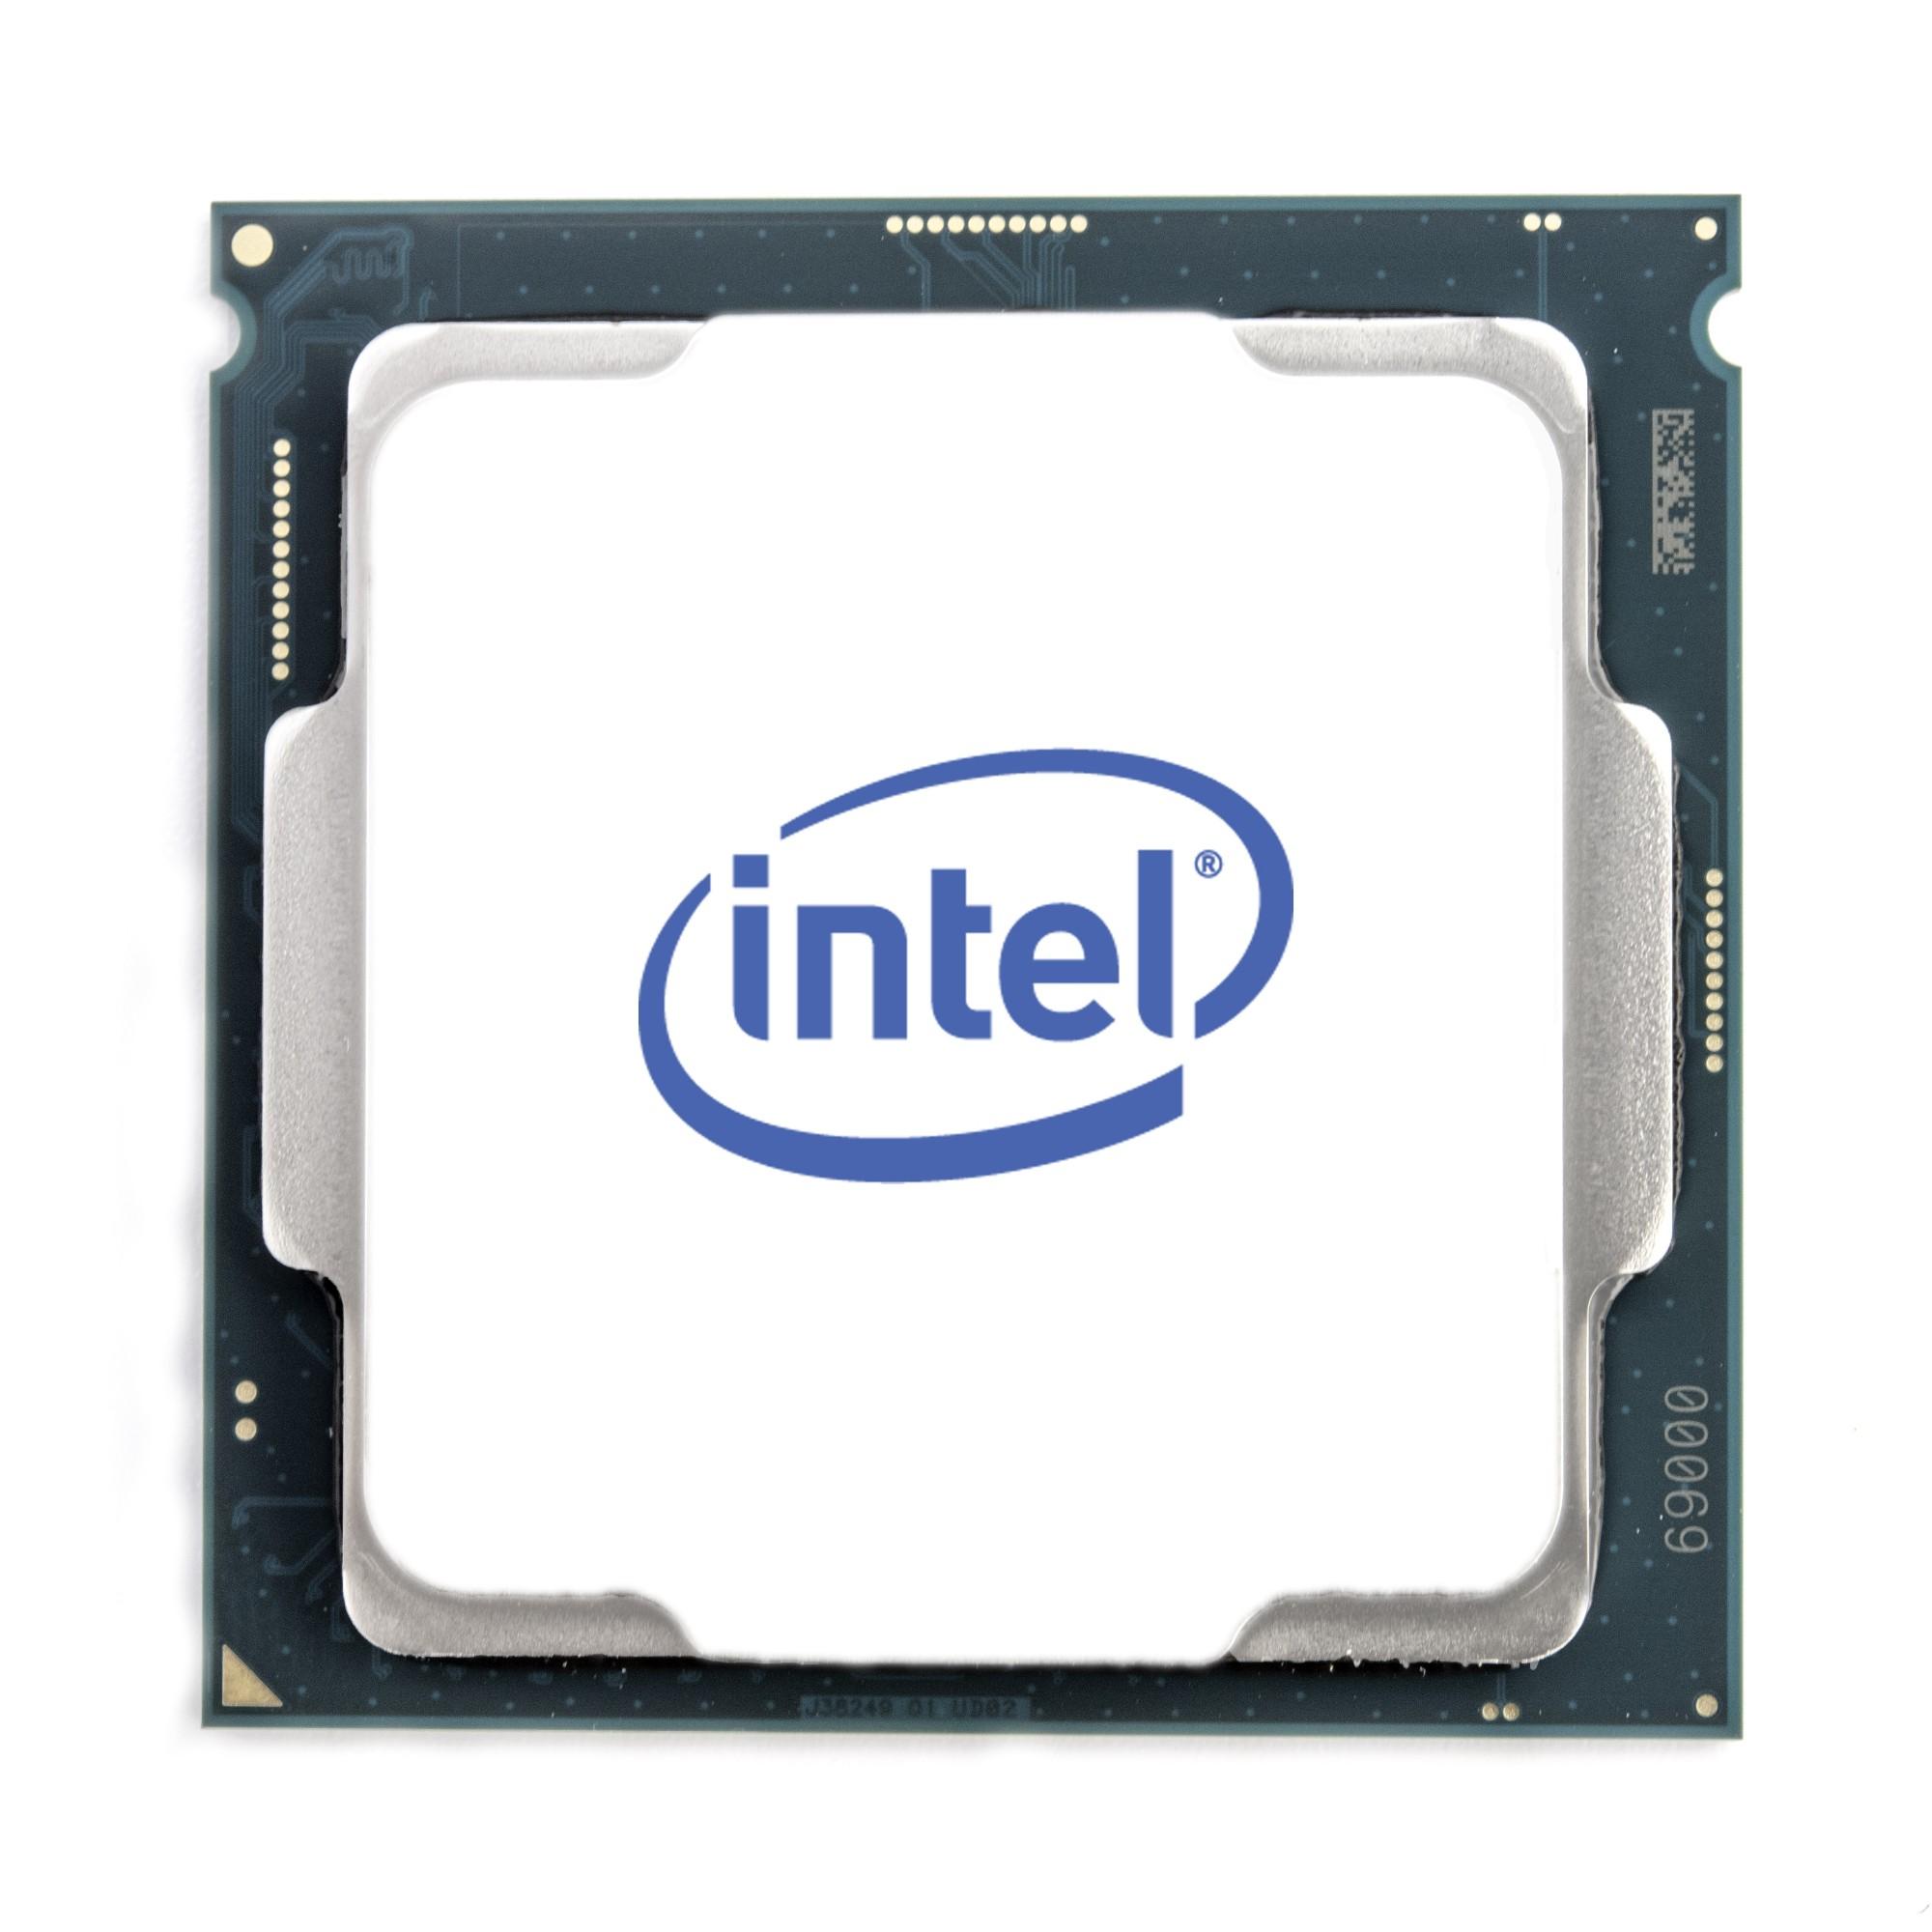 Intel Core i9-10850K processor 3.6 GHz Box 20 MB Smart Cache